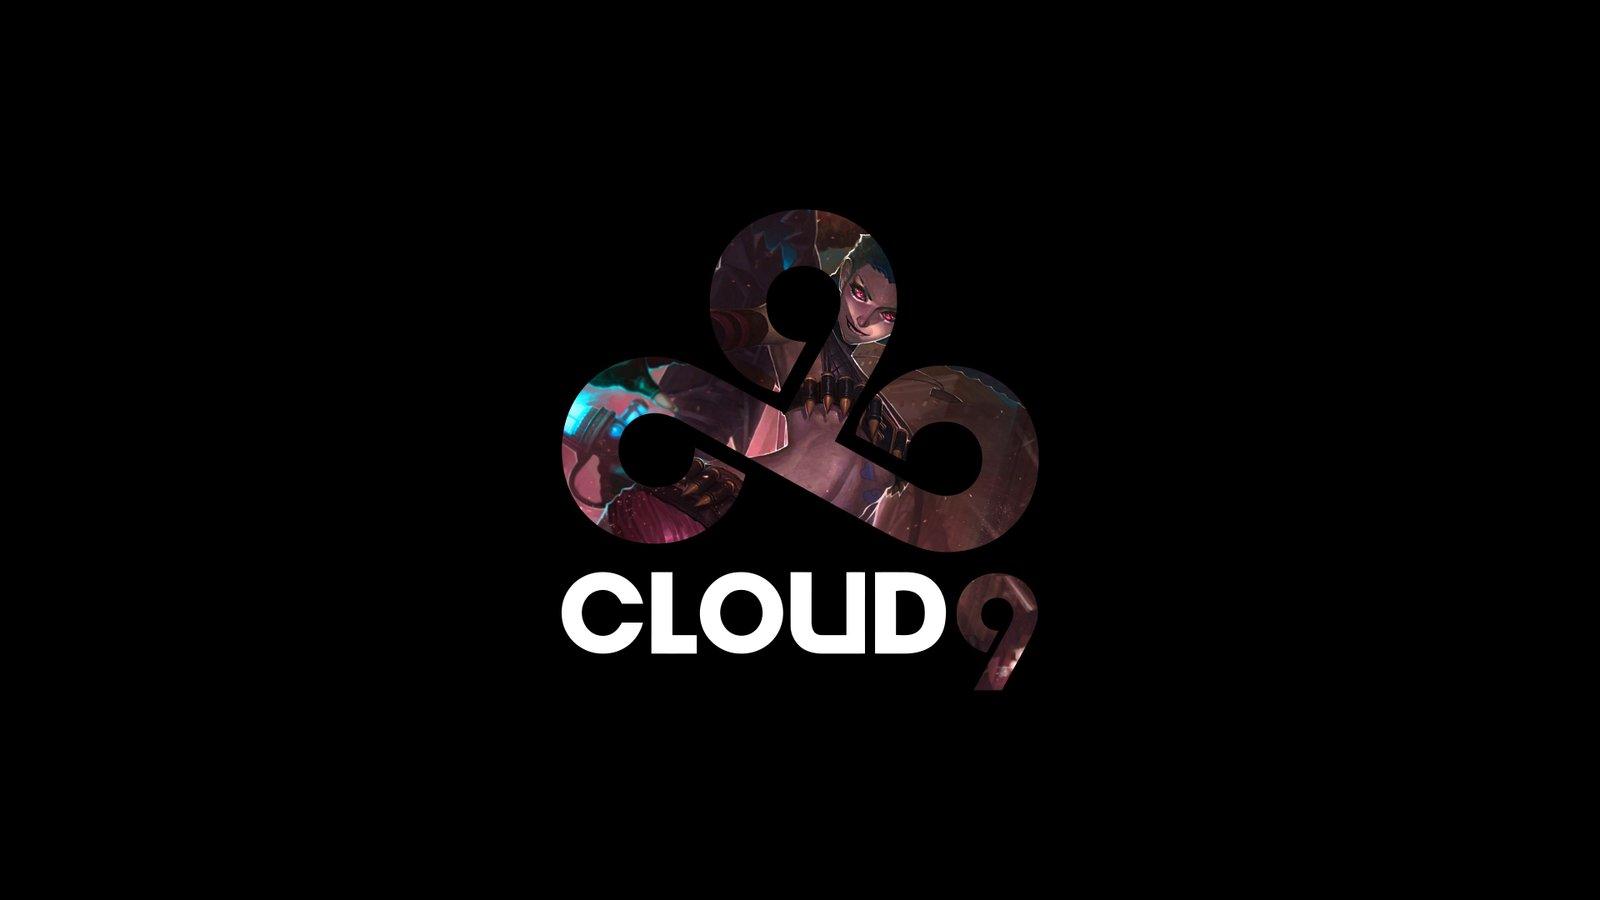 Cloud 9 Wallpapers Fan Arts League Of Legends Lol Stats